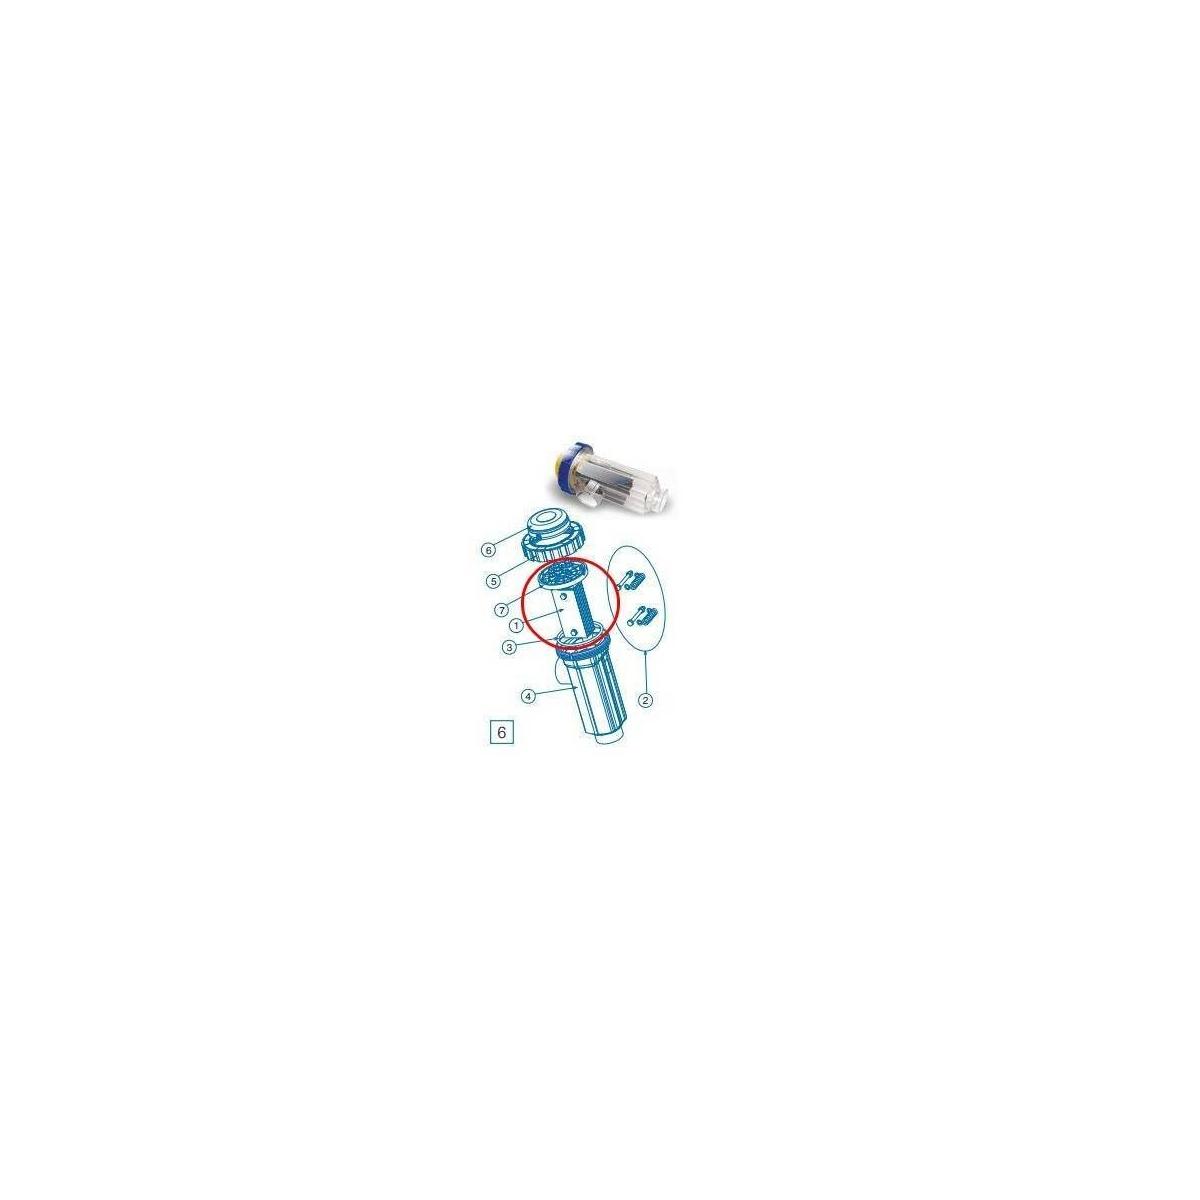 Repuesto Electrodos Autolimpiantes D-25